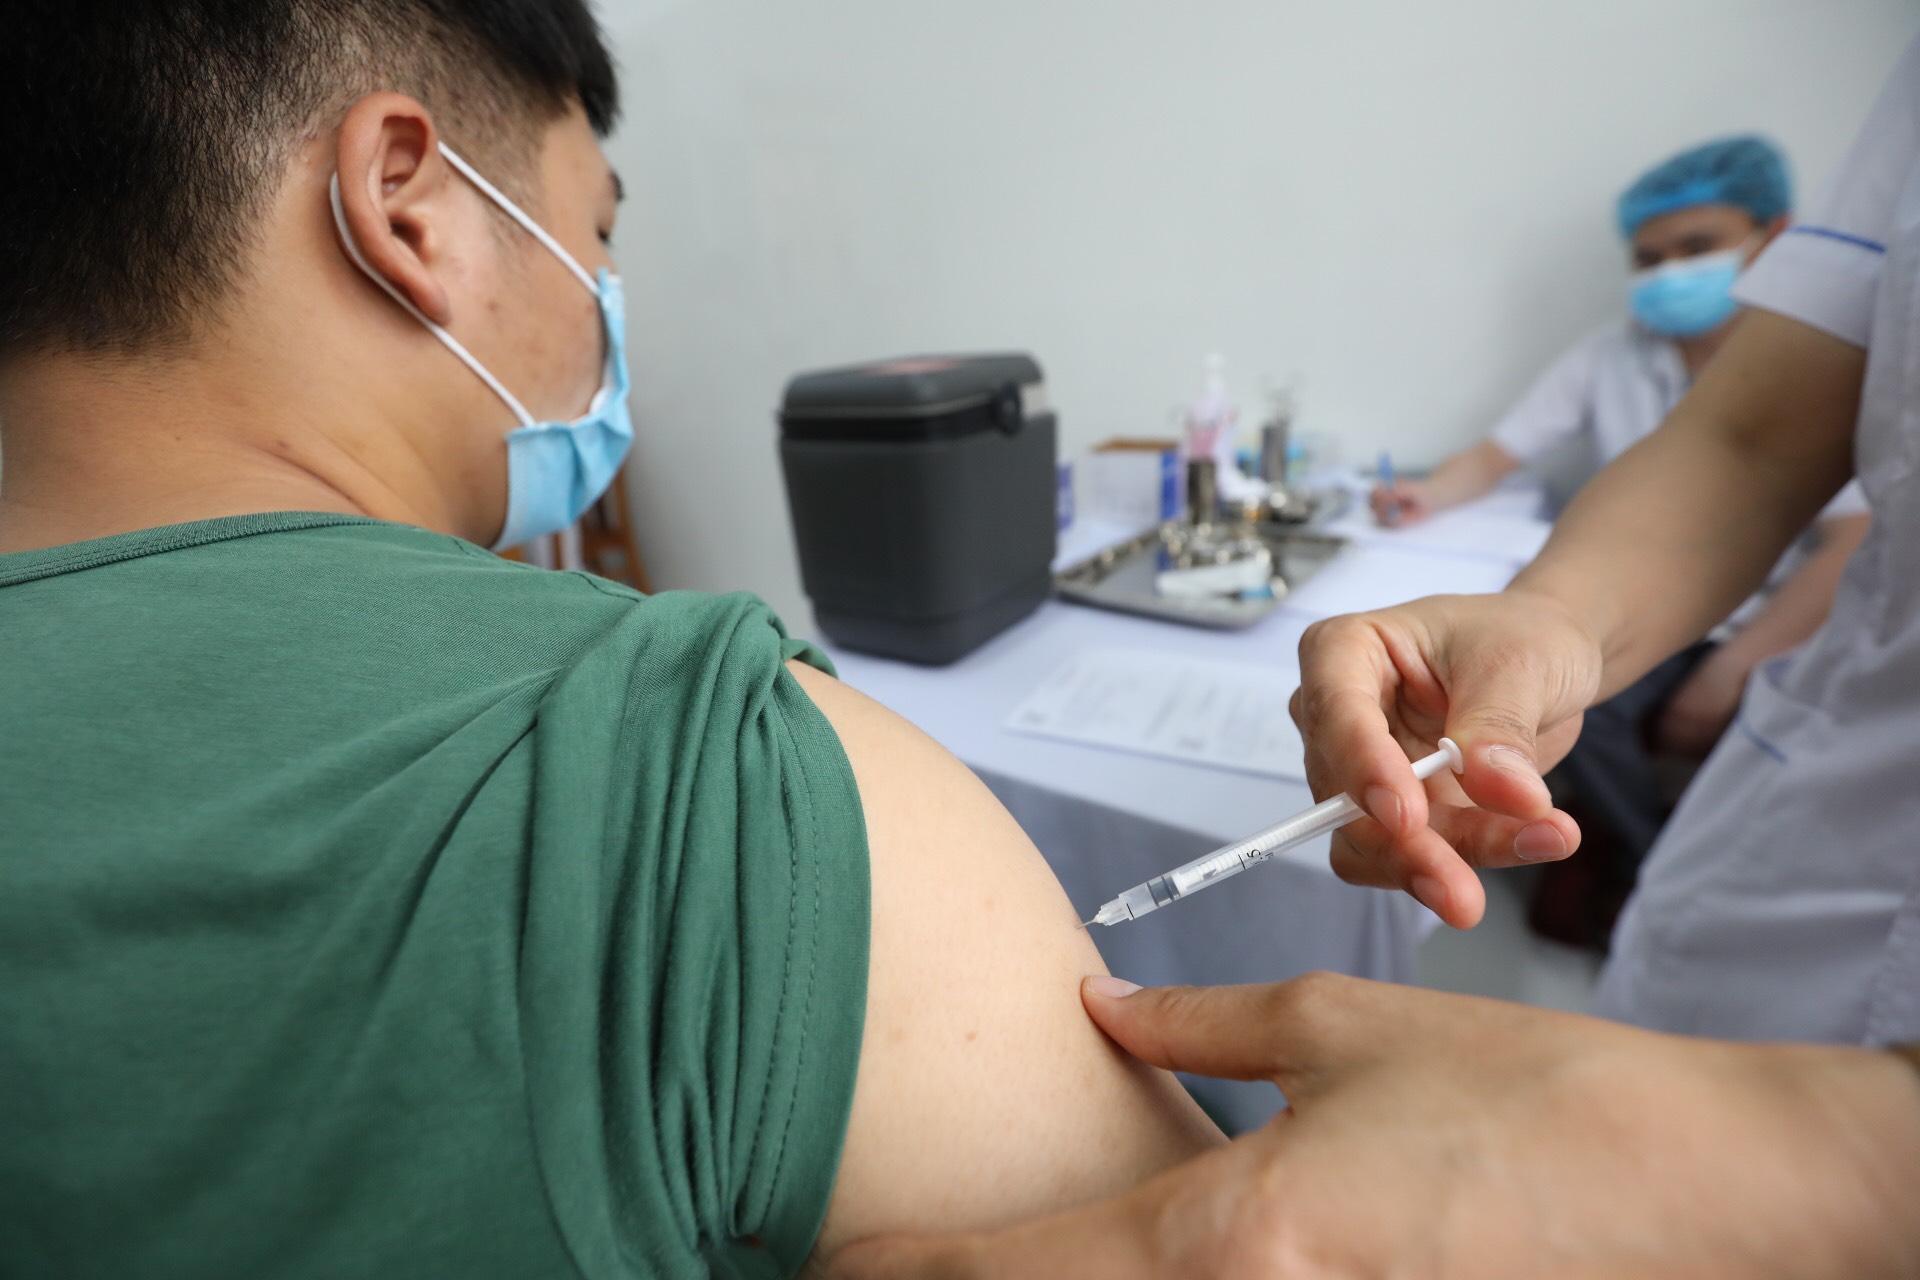 Cập nhật mới nhất tiến độ thử nghiệm vắc xin phòng COVID-19 đầu tiên của Việt Nam Nano Covax - Ảnh 1.